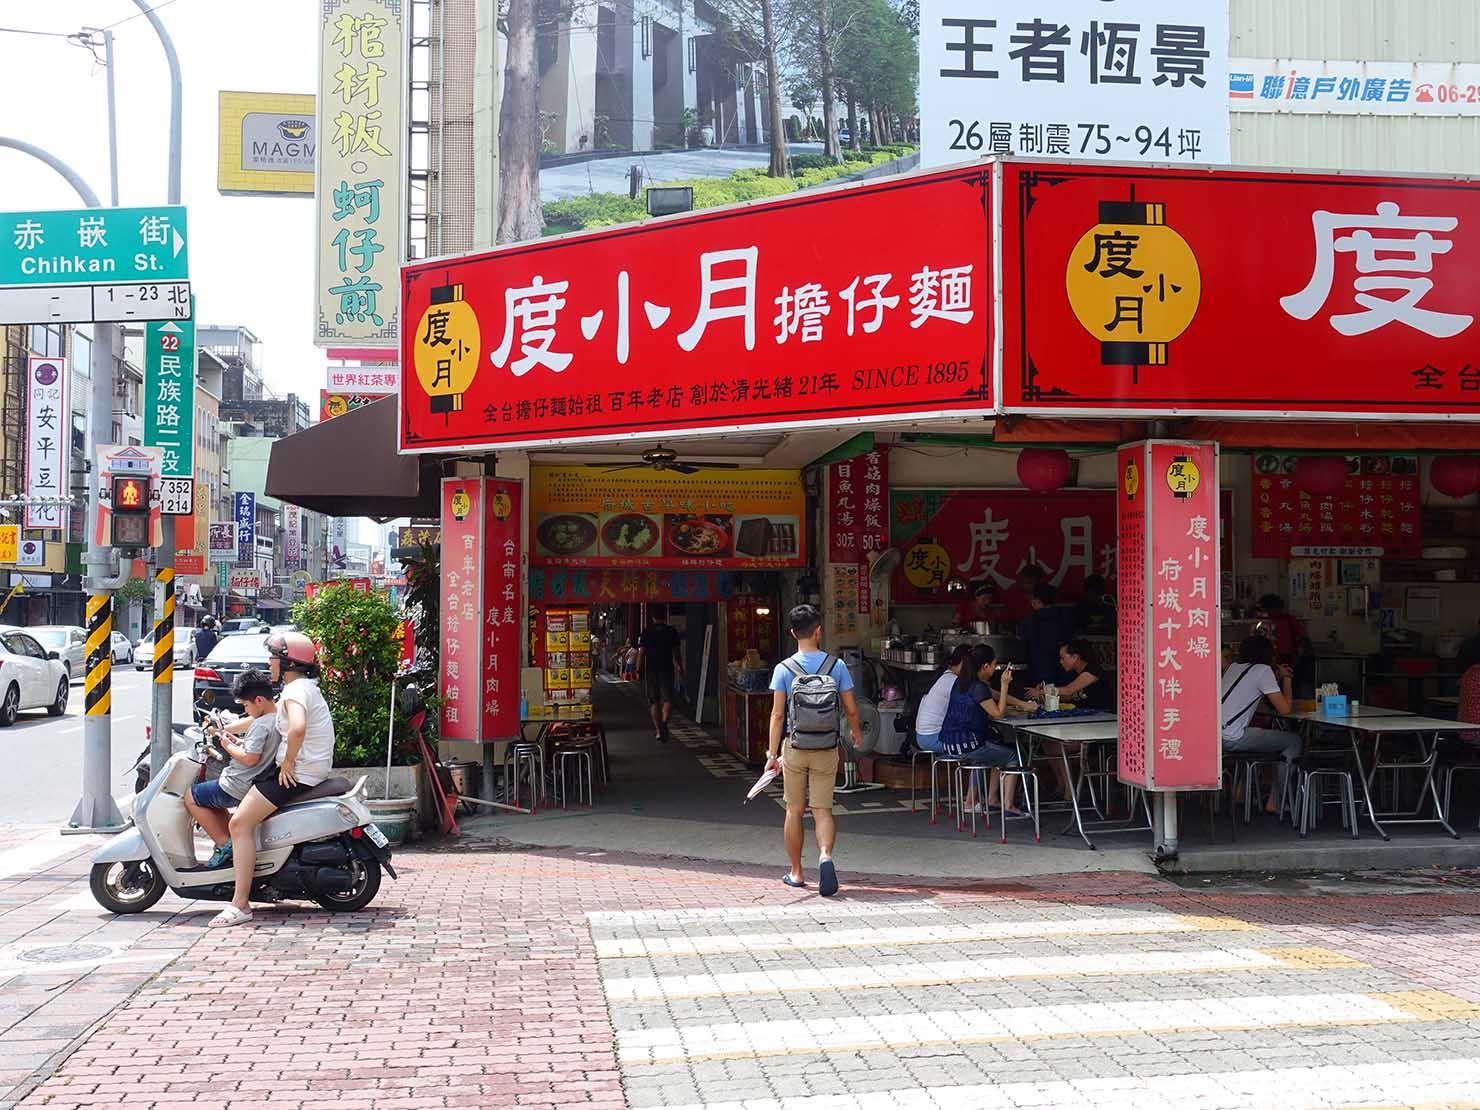 台南・赤崁樓周辺のおすすめグルメ店「度小月擔仔麵」の外観